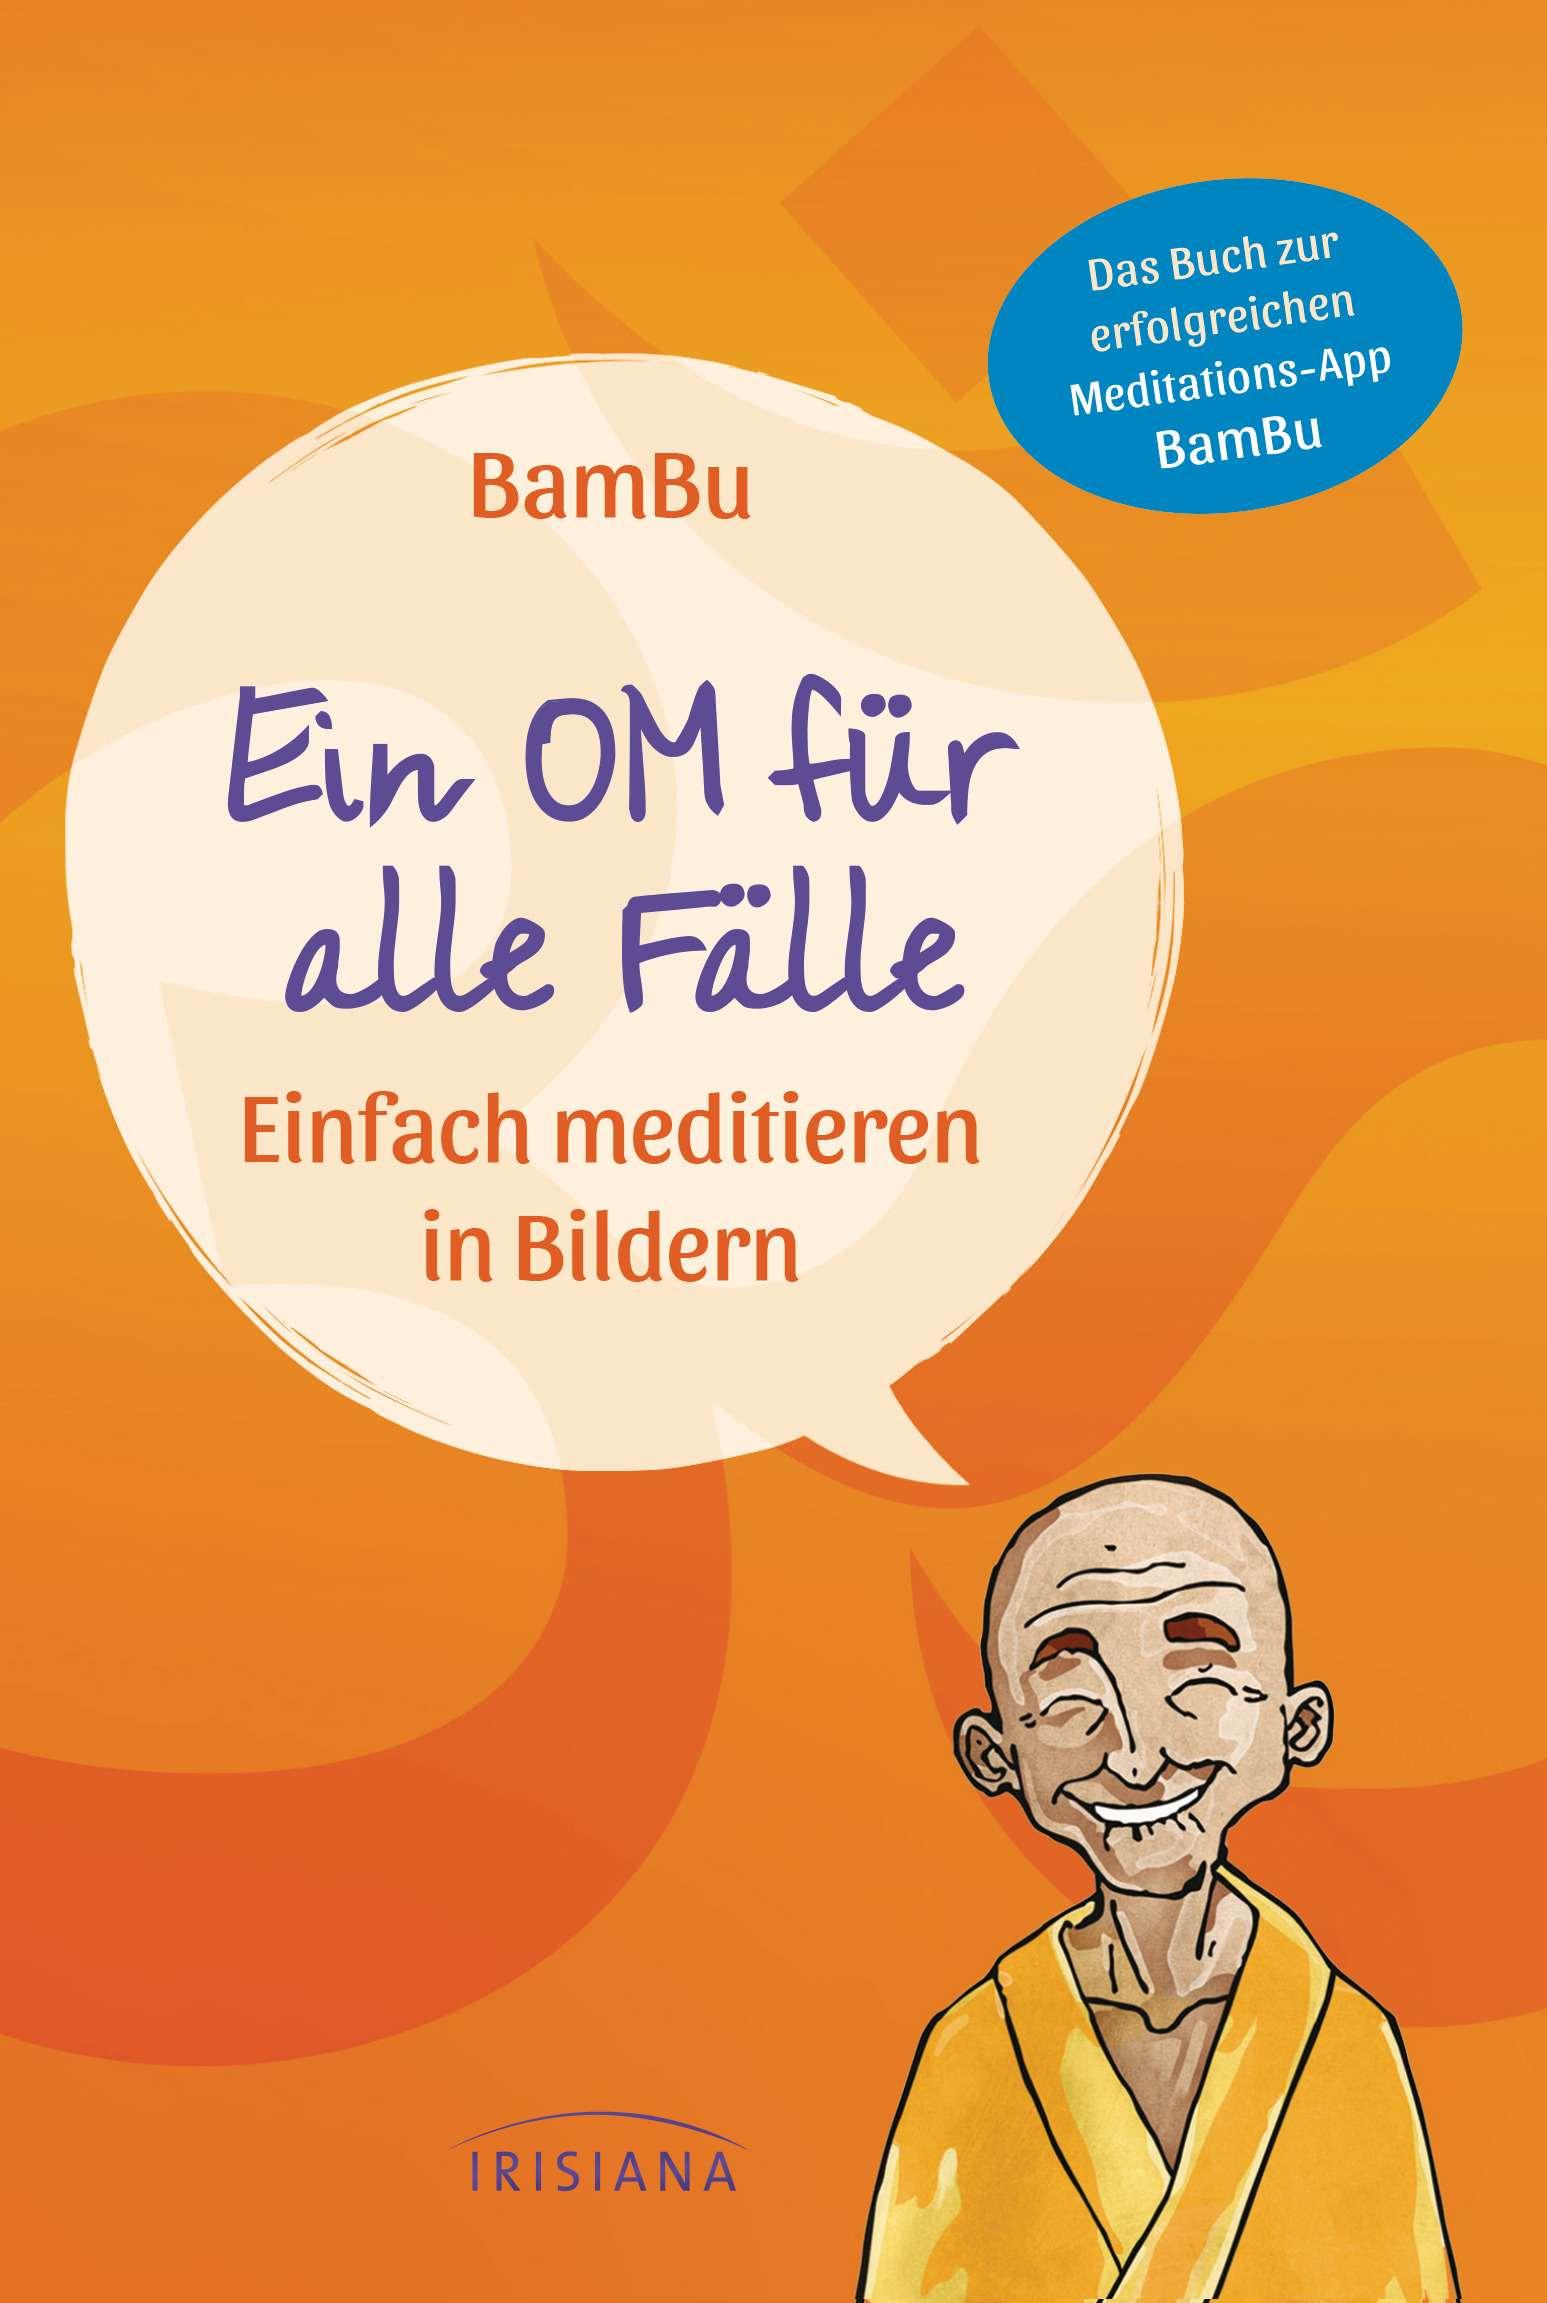 """""""Ein OM für alle Fälle"""" von Bambu © Irisiana Yogannetteblog.de"""